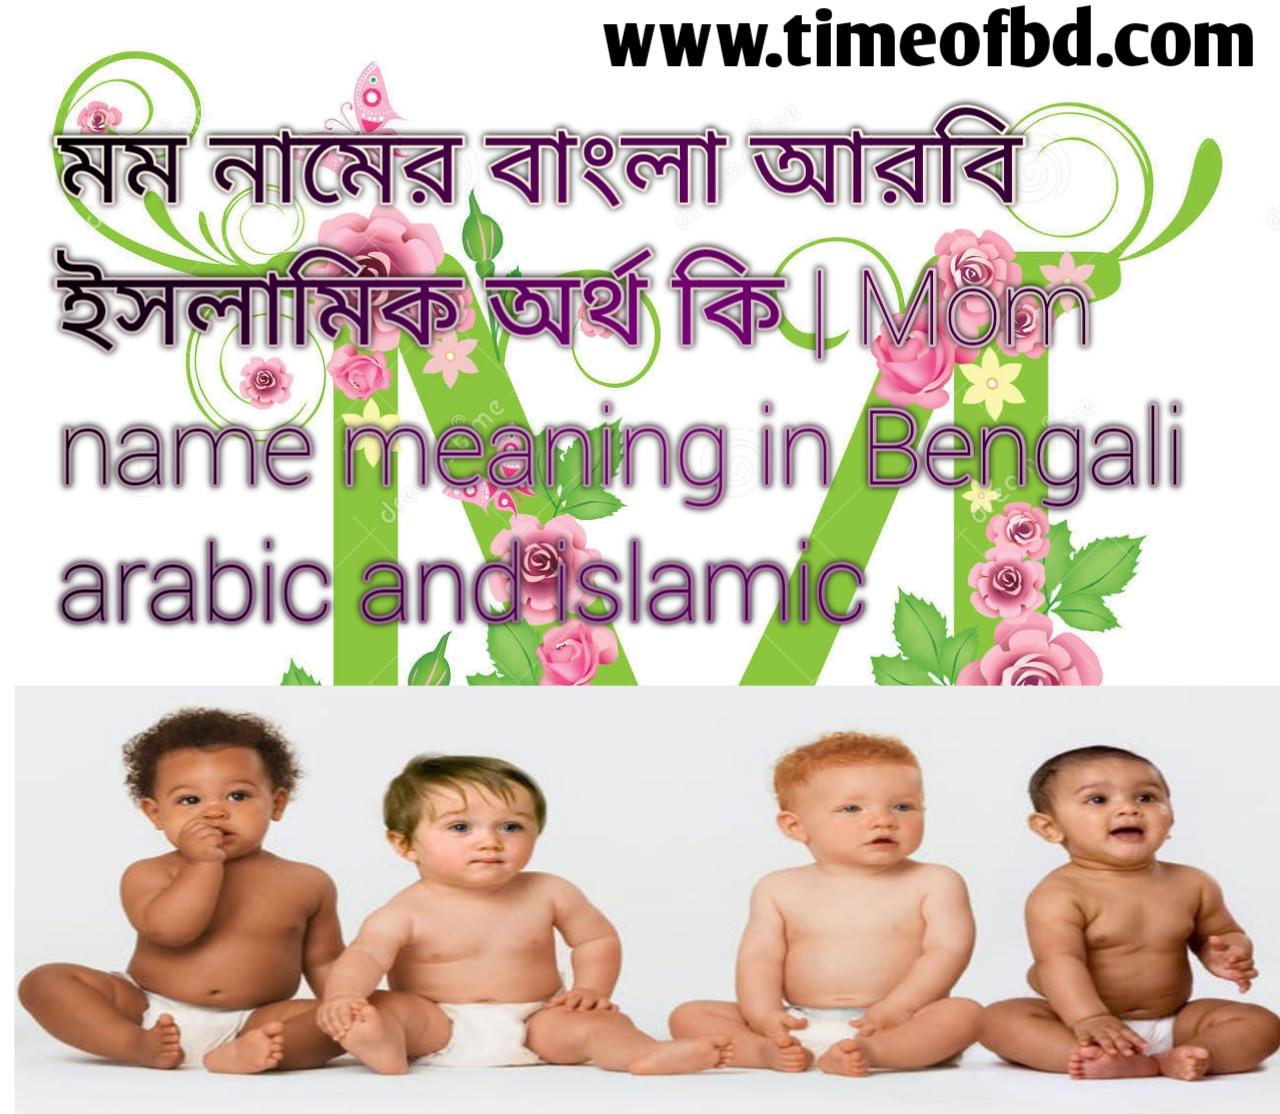 মম নামের অর্থ কি, মম নামের বাংলা অর্থ কি, মম নামের ইসলামিক অর্থ কি, Mom name meaning in Bengali, মম কি ইসলামিক নাম,